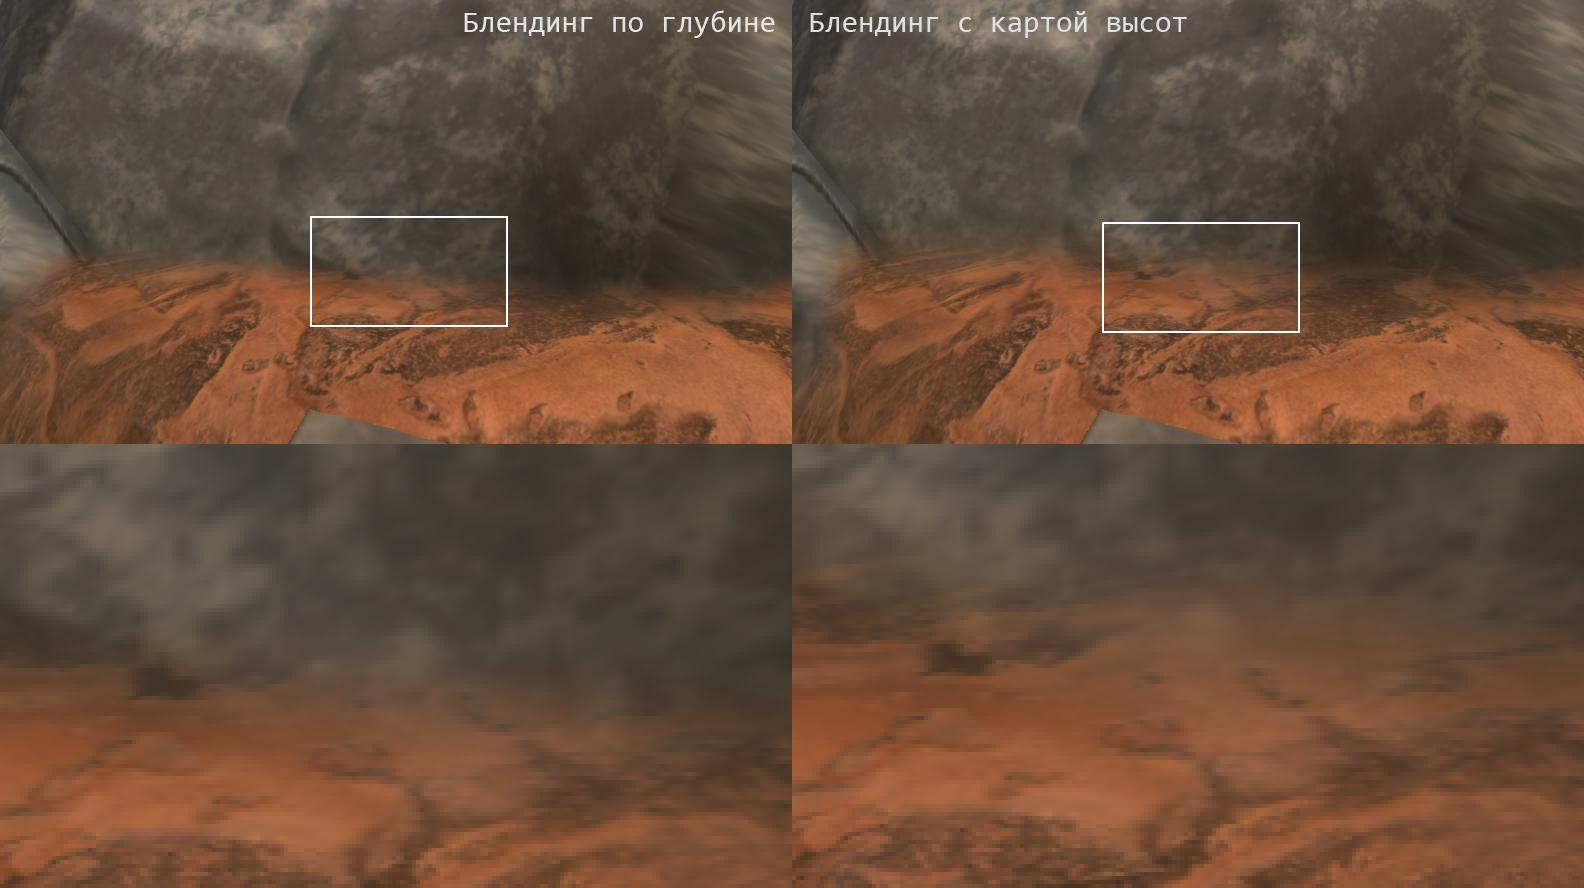 Блендинг и Unity Terrain: как избавиться от пересечений и перестать делать глазам больно - 10